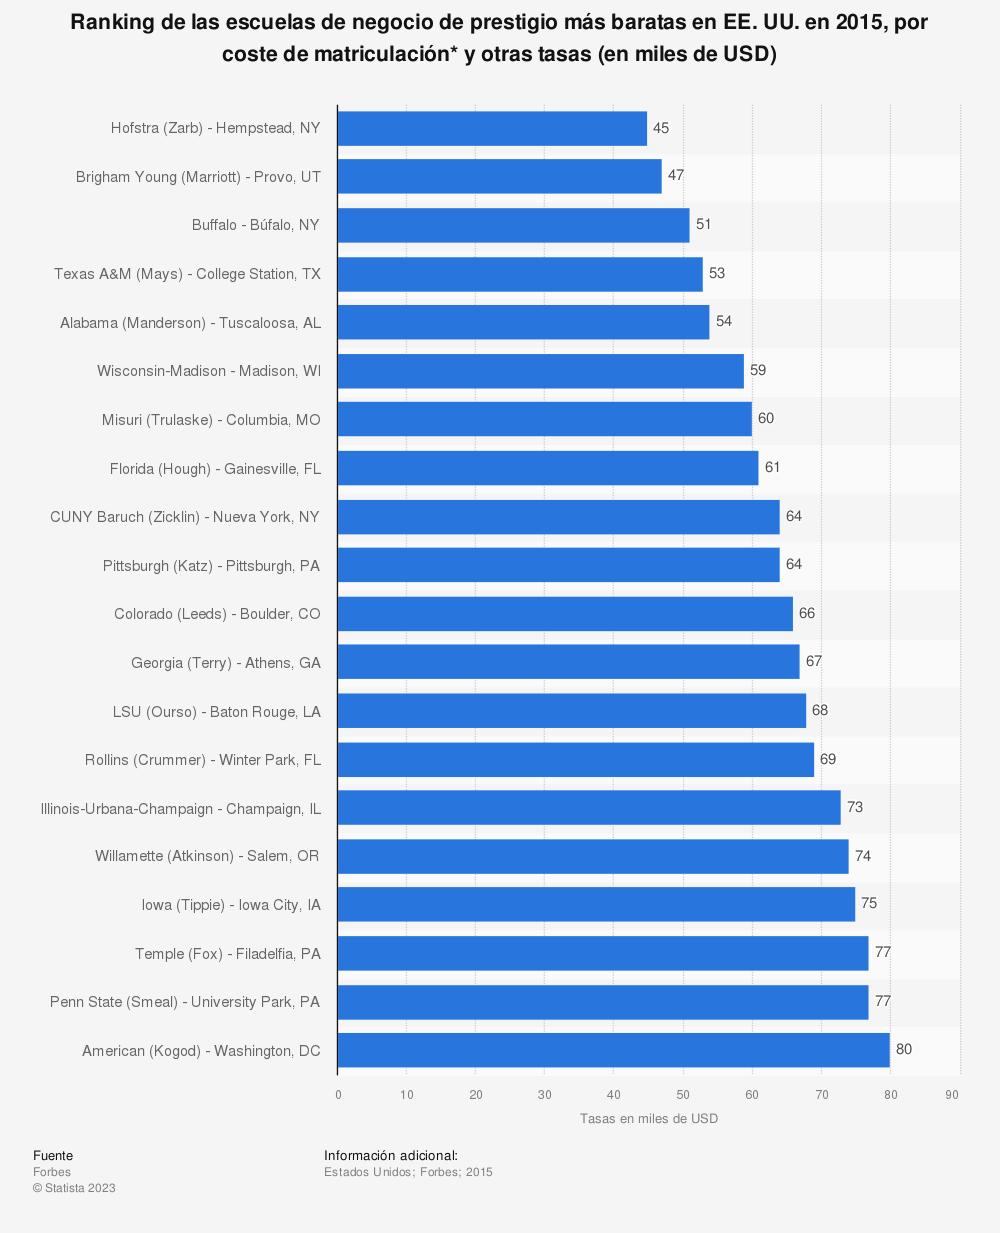 Estadística: Ranking de las escuelas de negocio de prestigio más baratas en EE. UU. en 2015, por coste de matriculación* y otras tasas (en miles de USD) | Statista